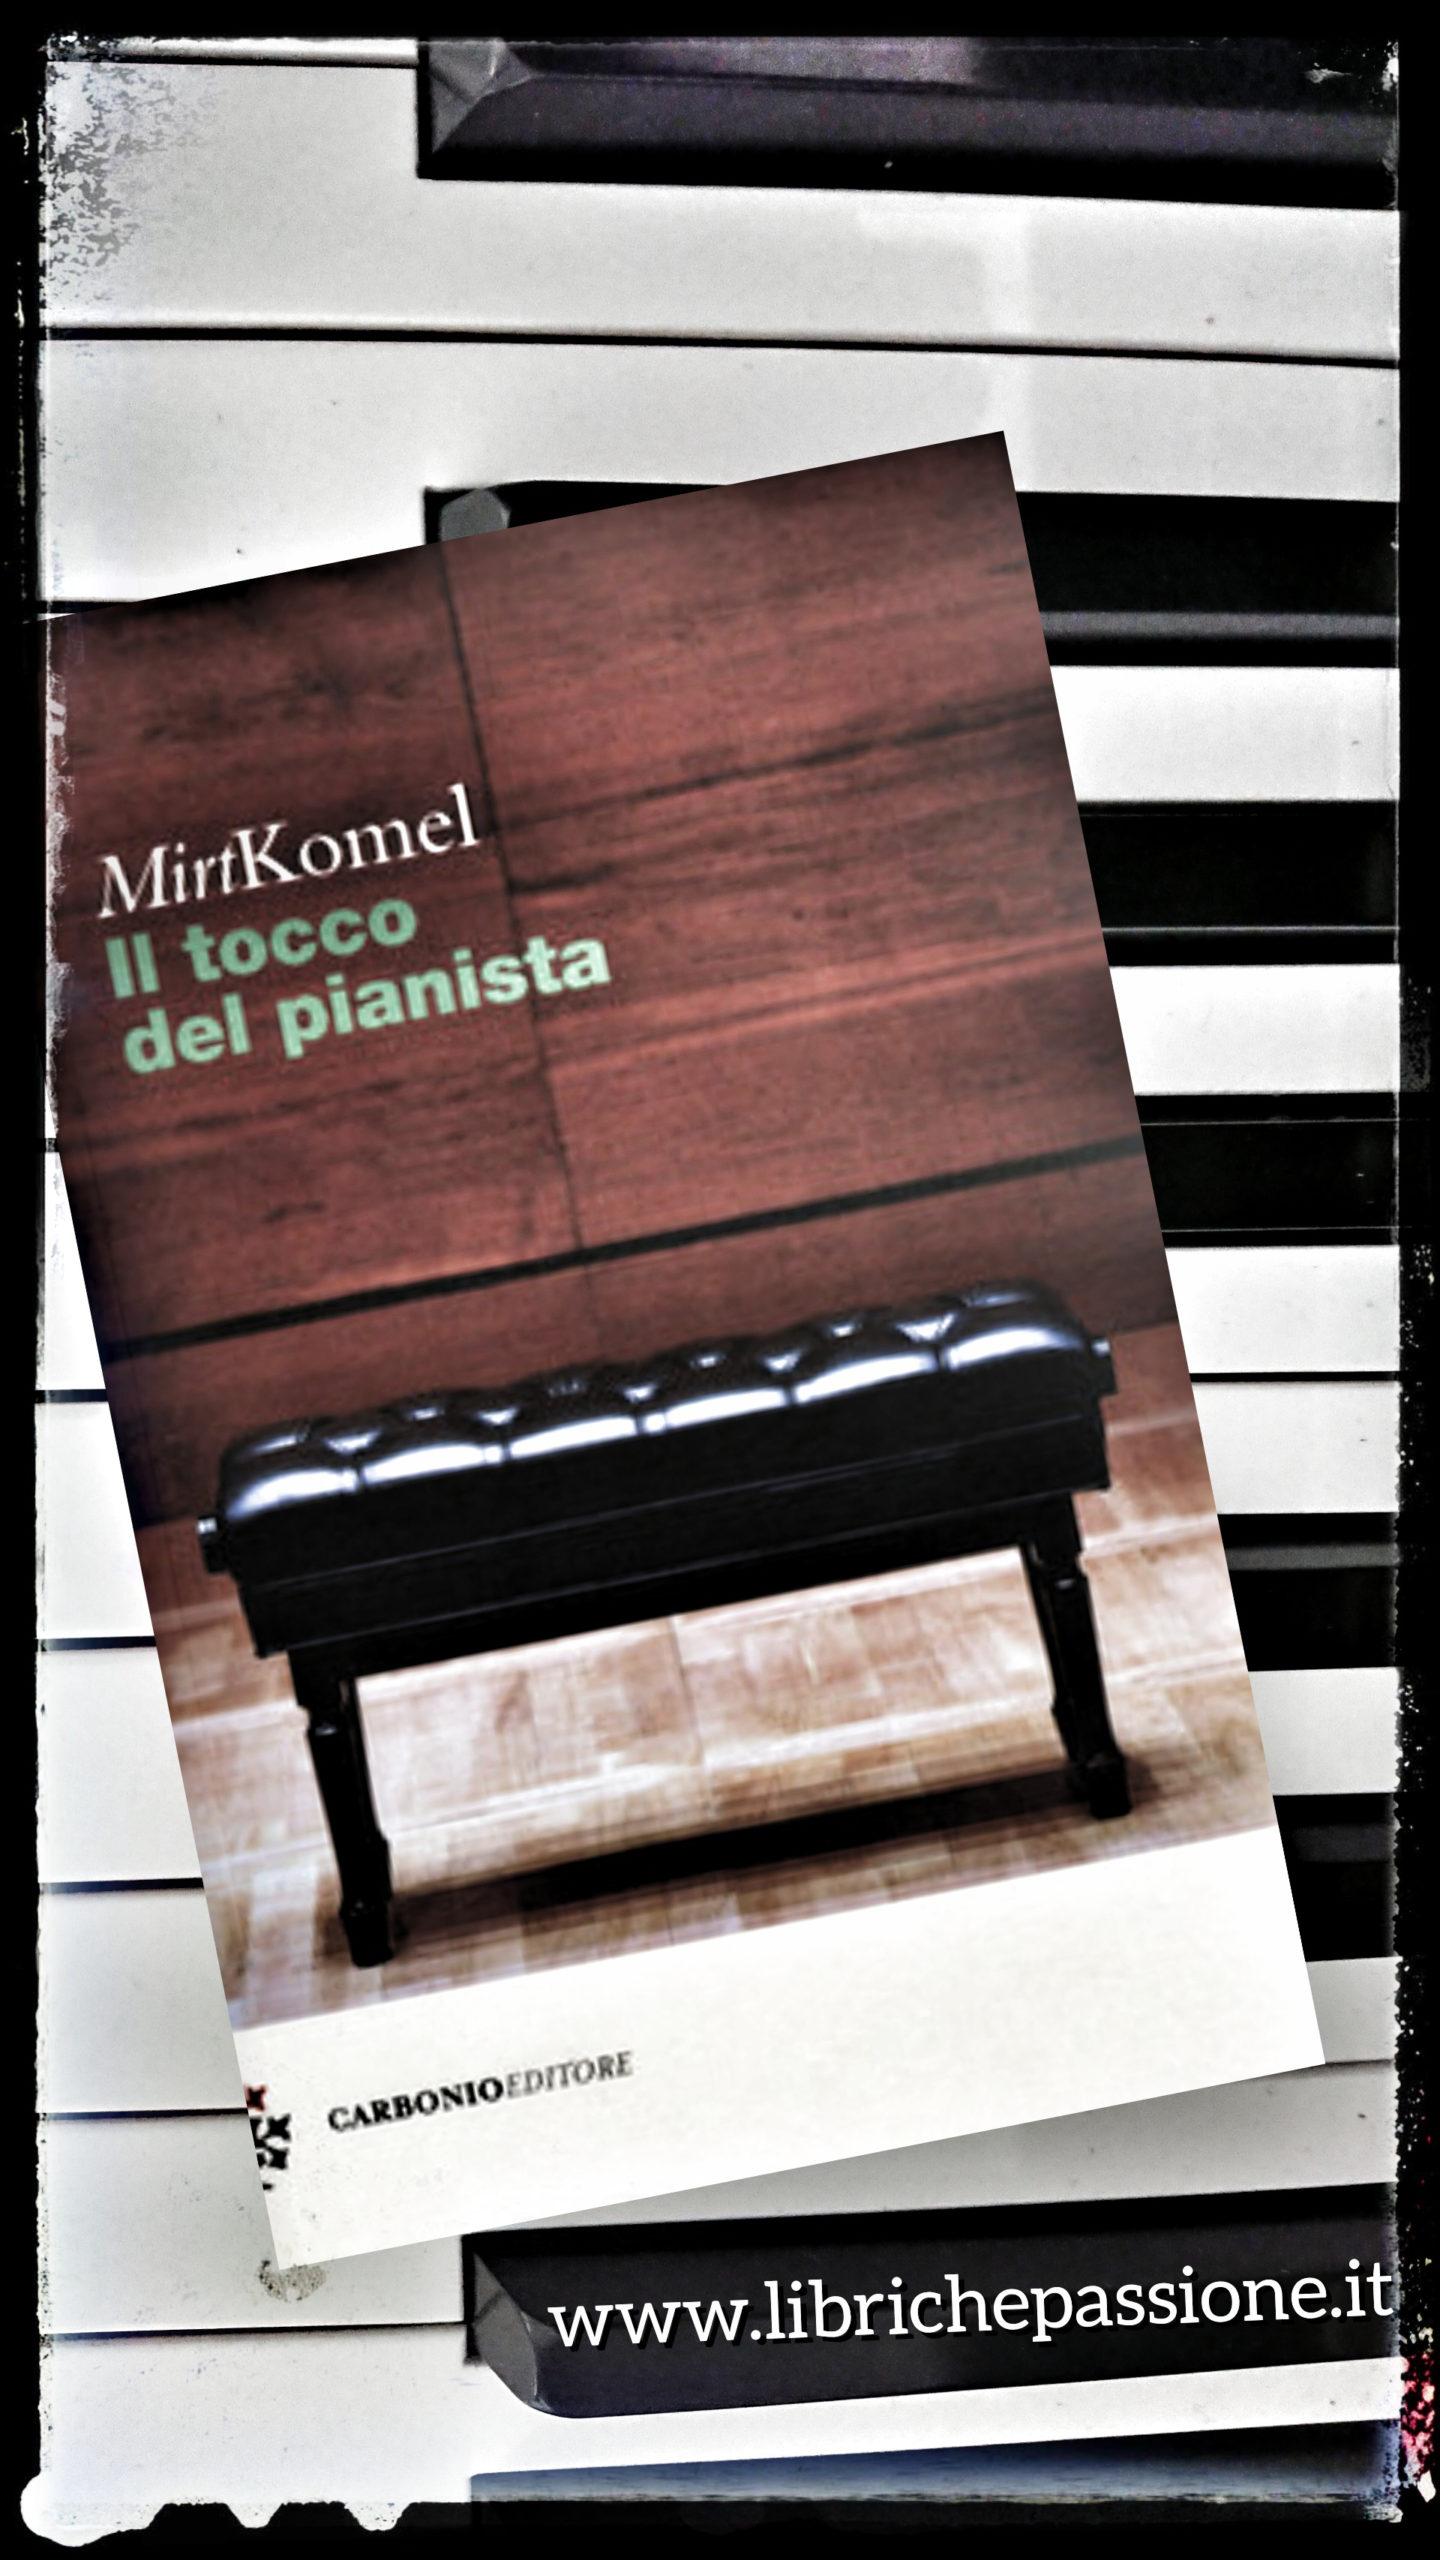 """Recensione: """"Il tocco del pianista"""" di Mirt Komel edito da Cabonio Editore"""